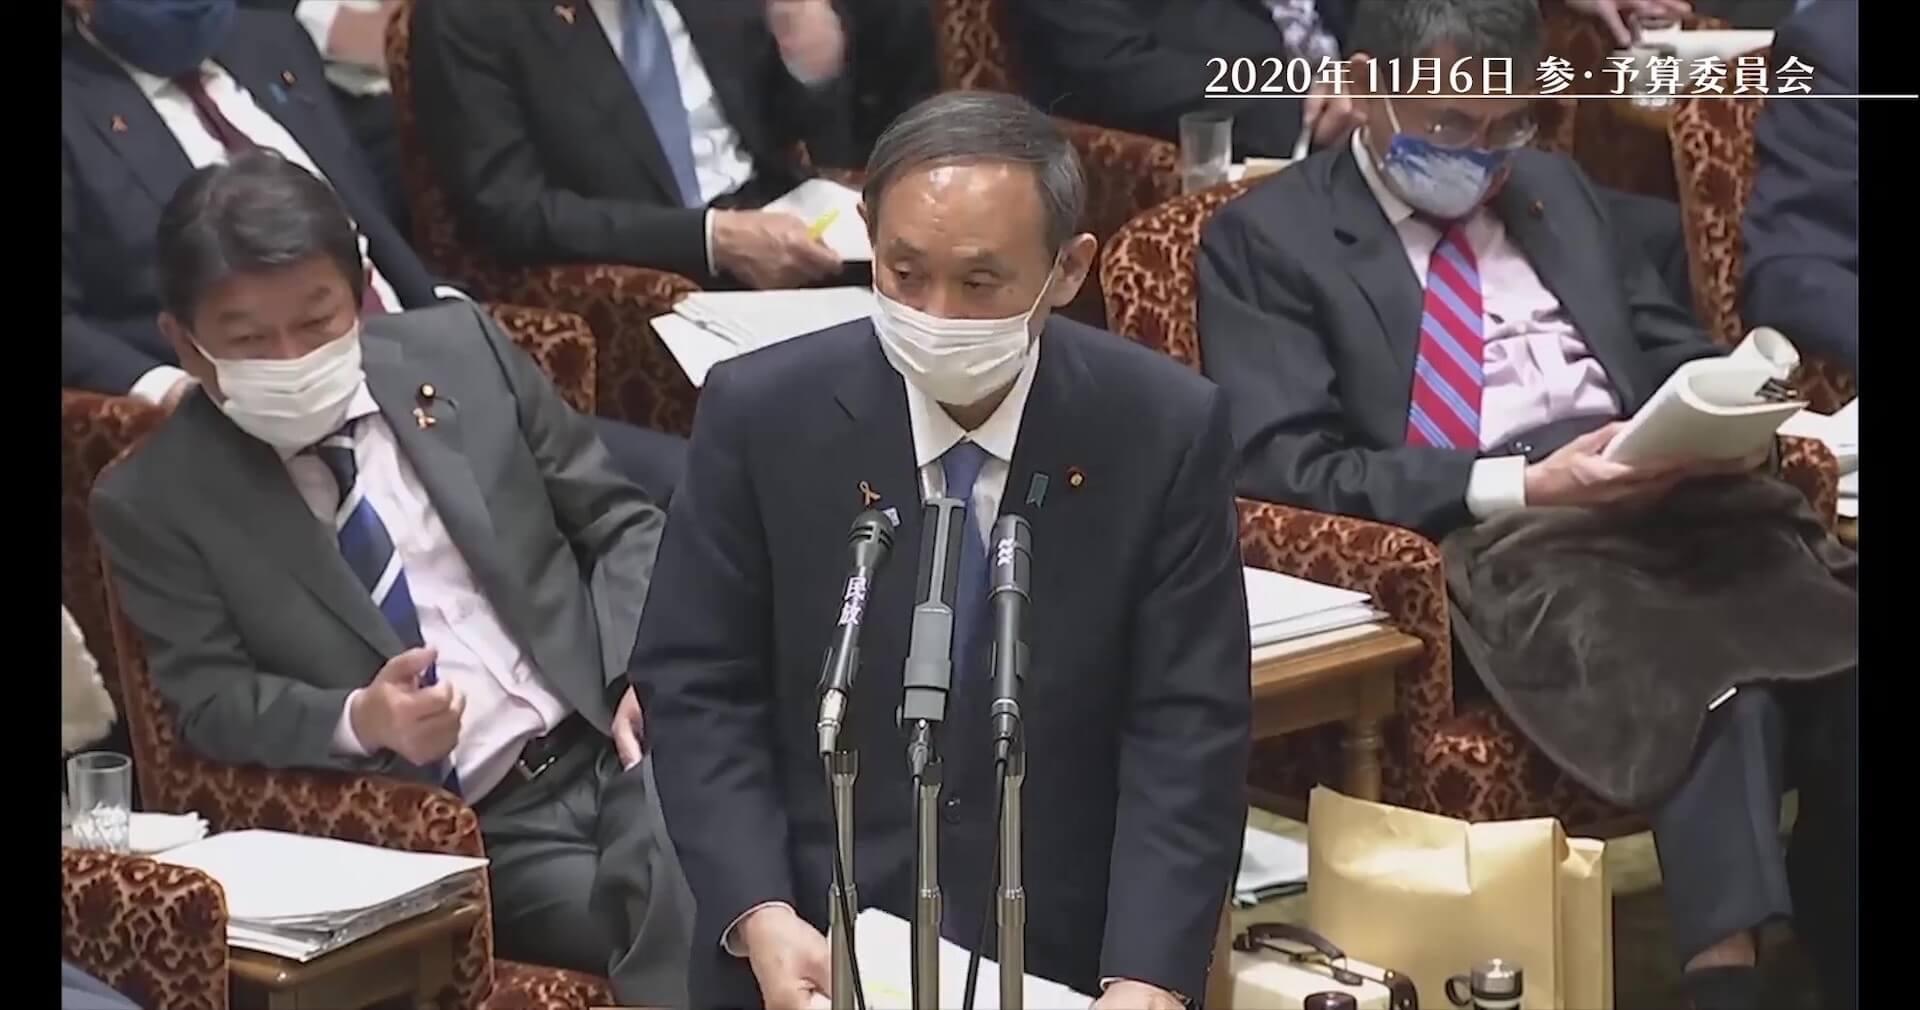 菅首相の素顔に迫る『パンケーキを毒見する』が本日公開!見どころたっぷりの特別映像も解禁 film210730_pancake_5